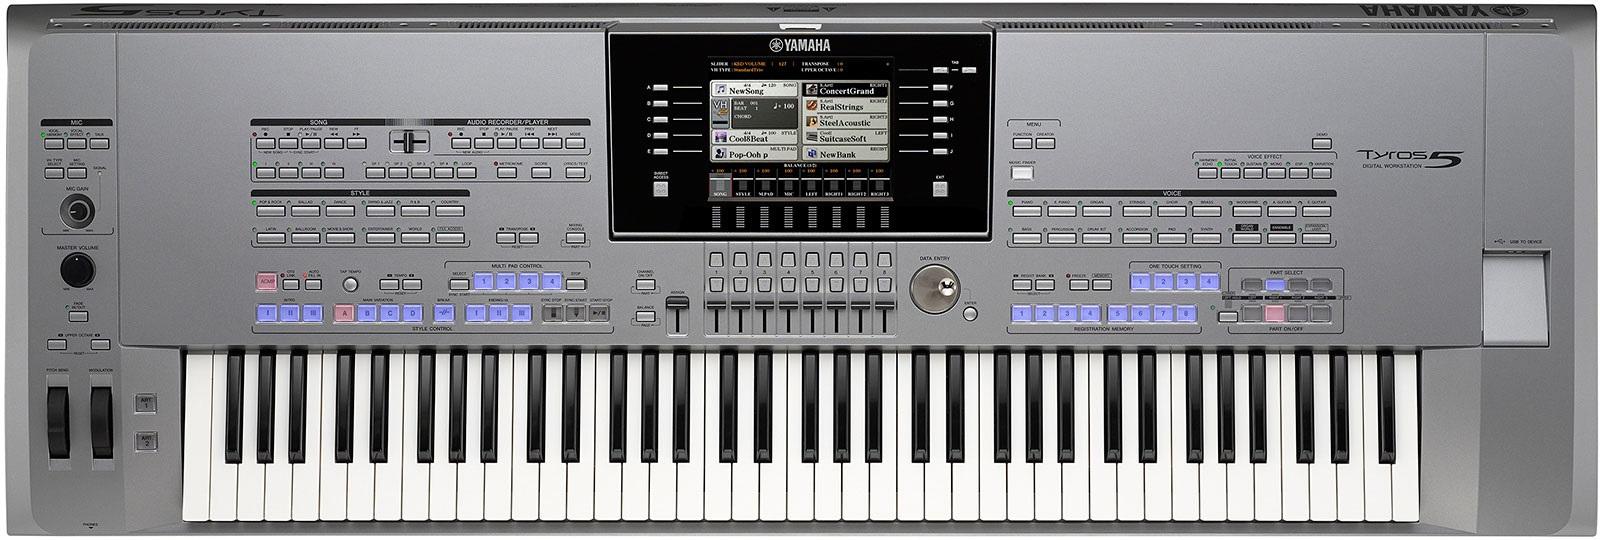 Yamaha TYROS 5 76